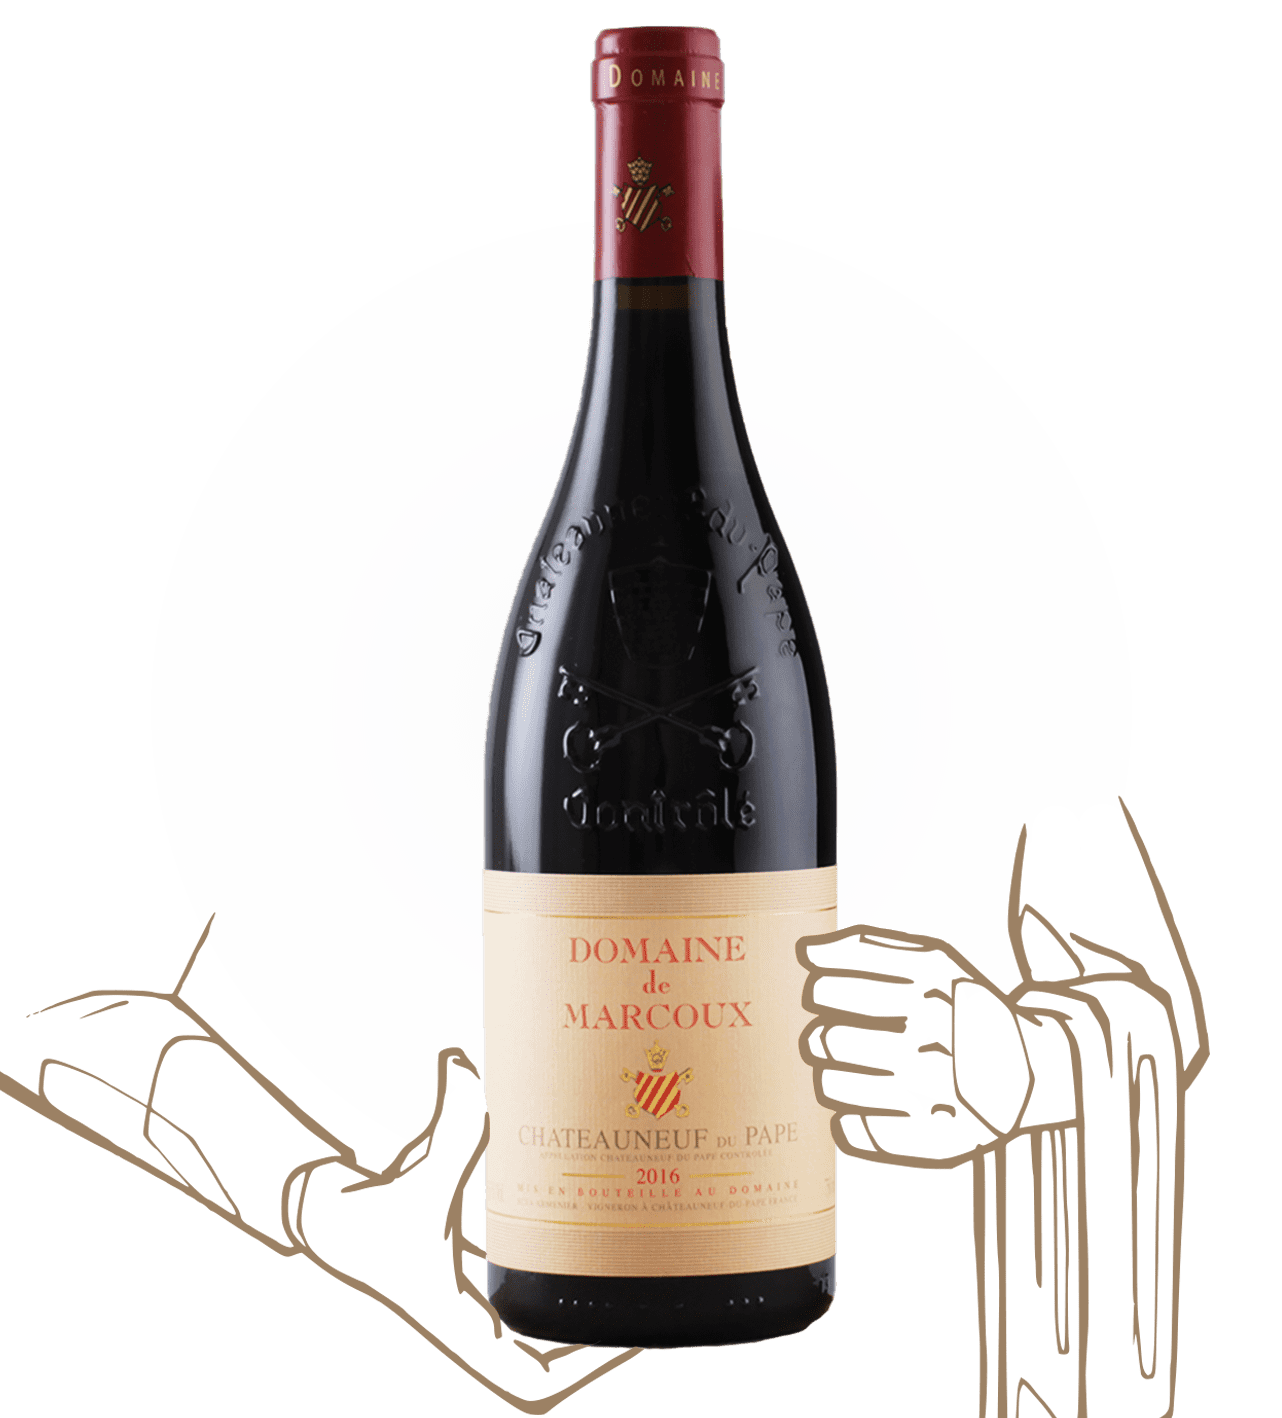 Chateauneuf du pape du domaine marcoux, vin biodynamique